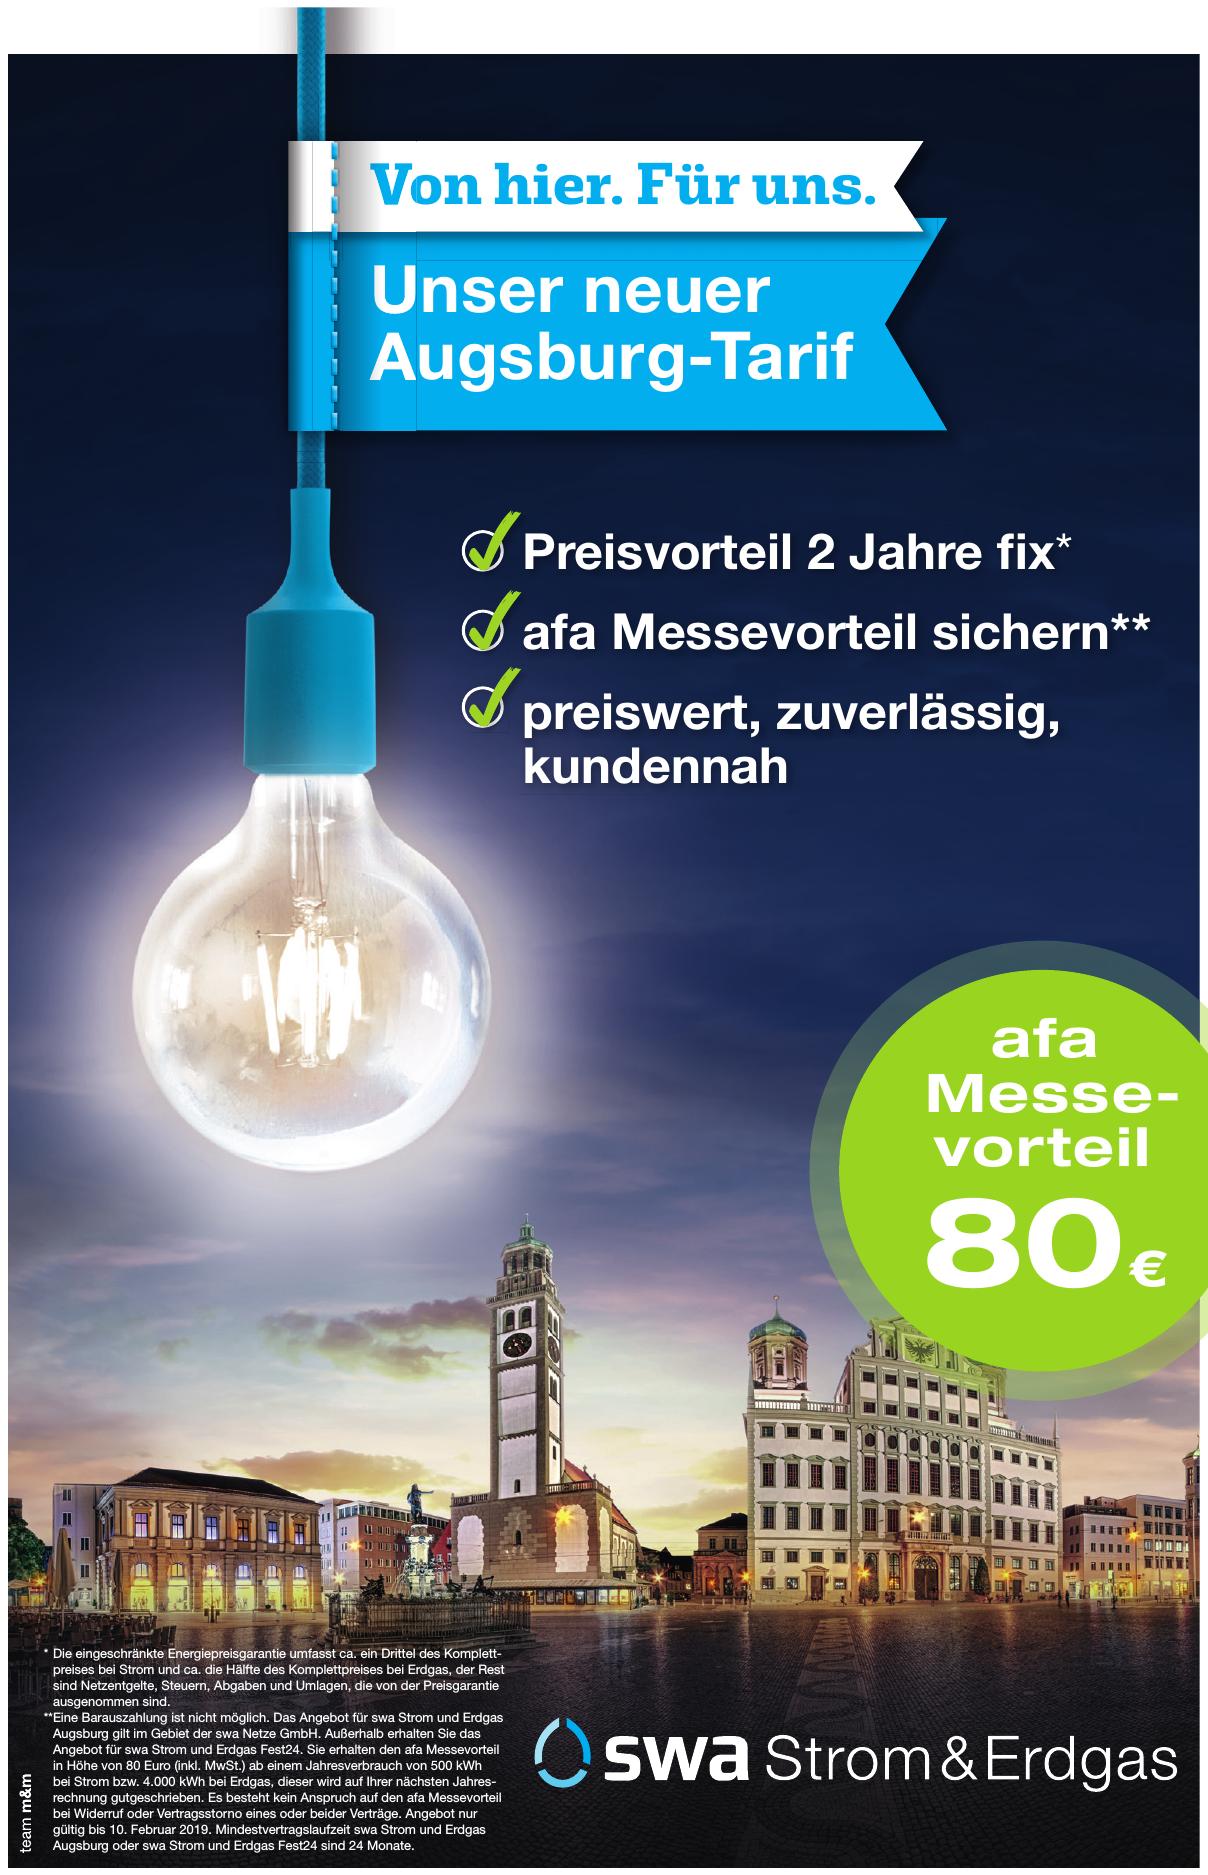 swa Strom & Erdgas